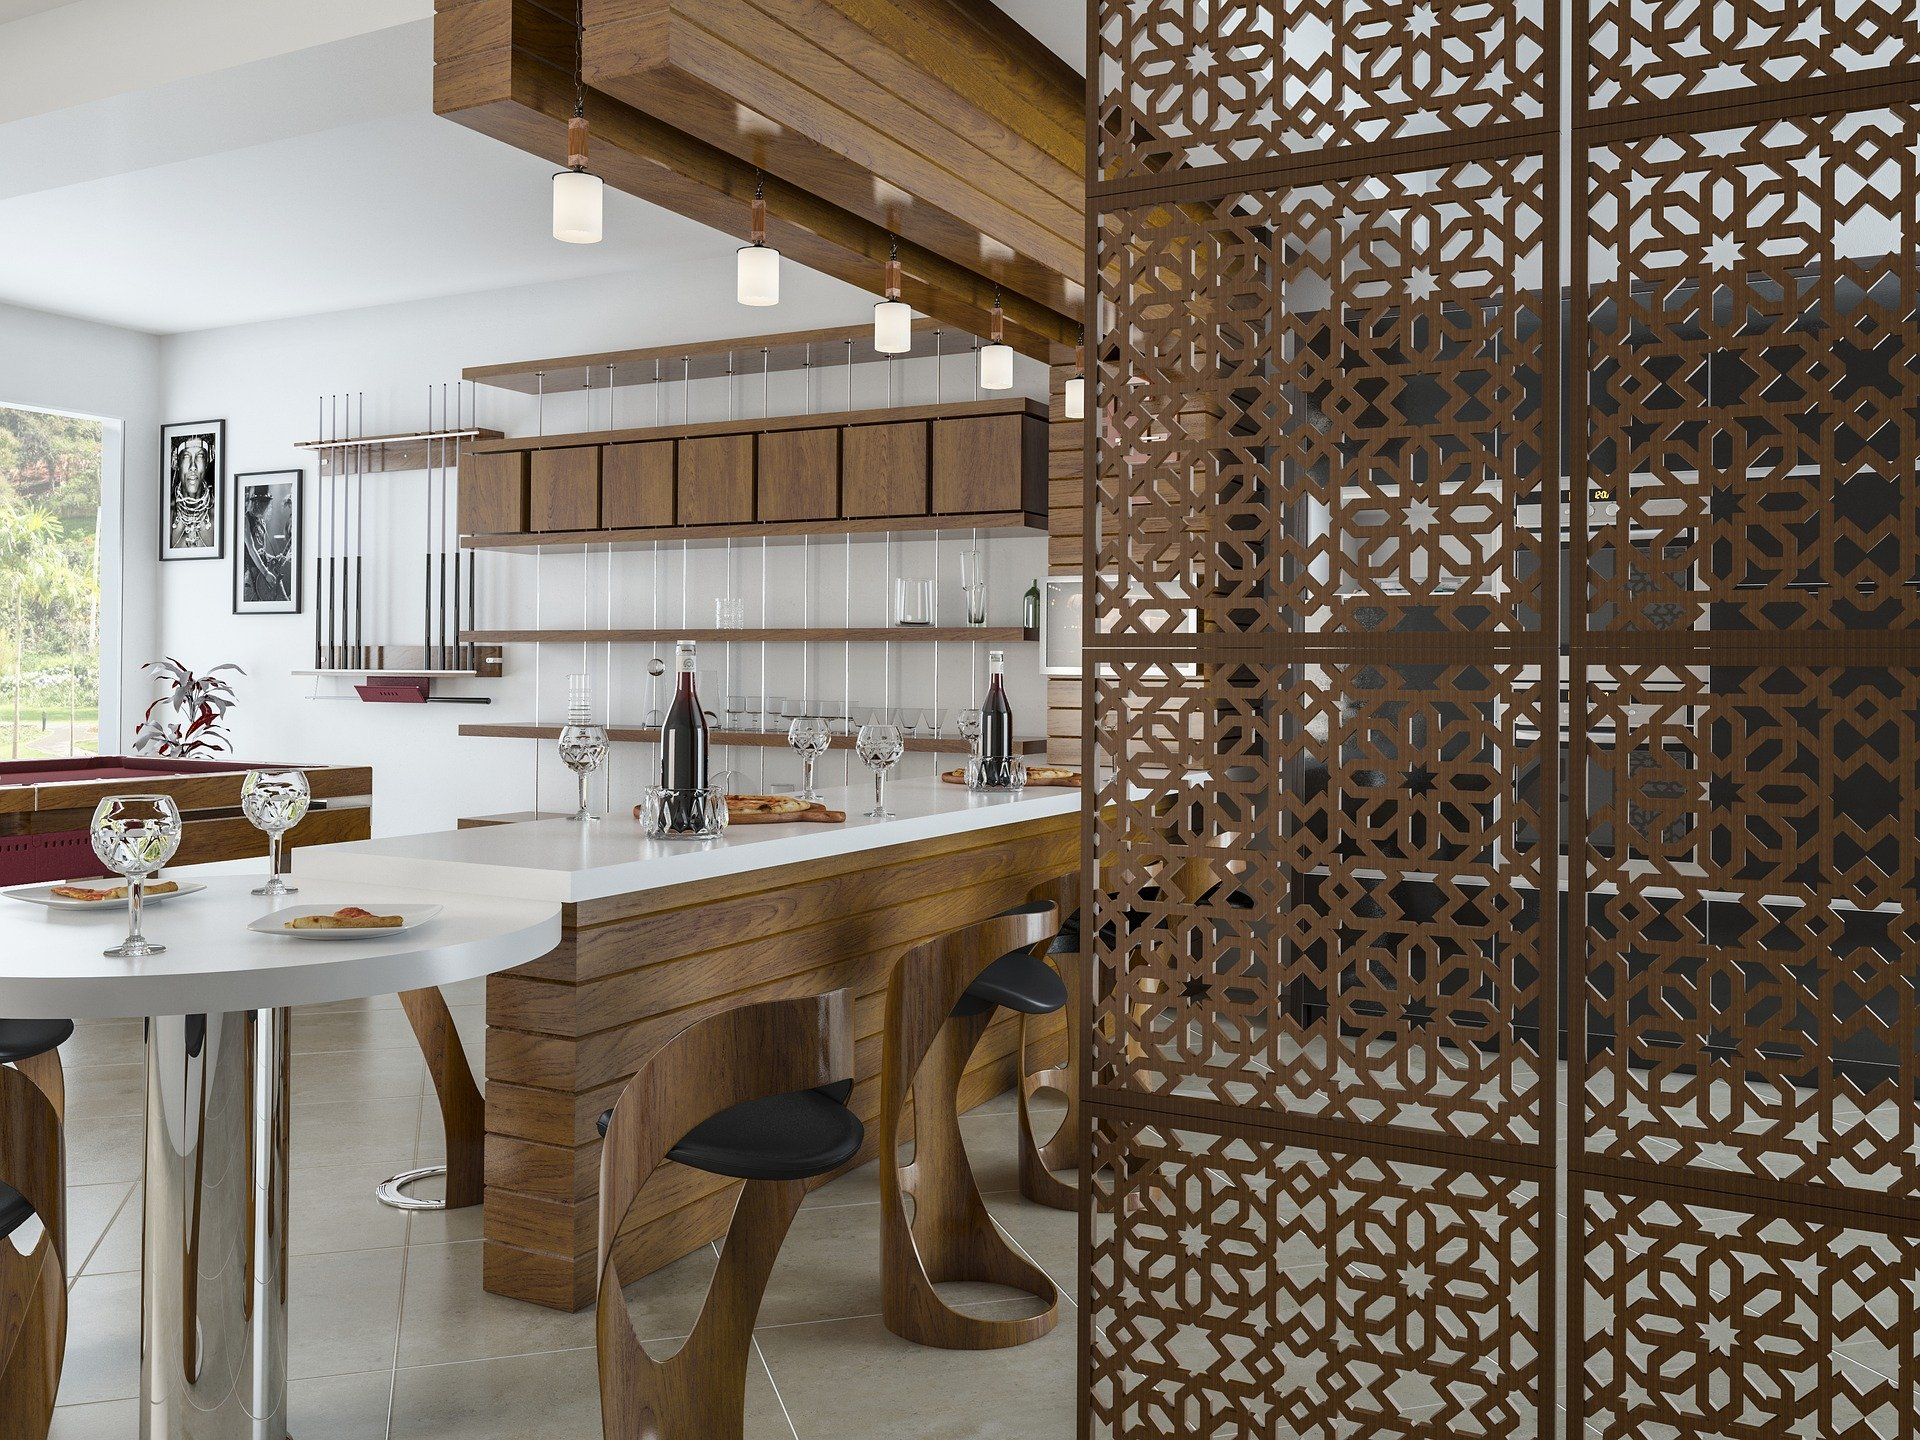 Dřevo kuchyně interiér